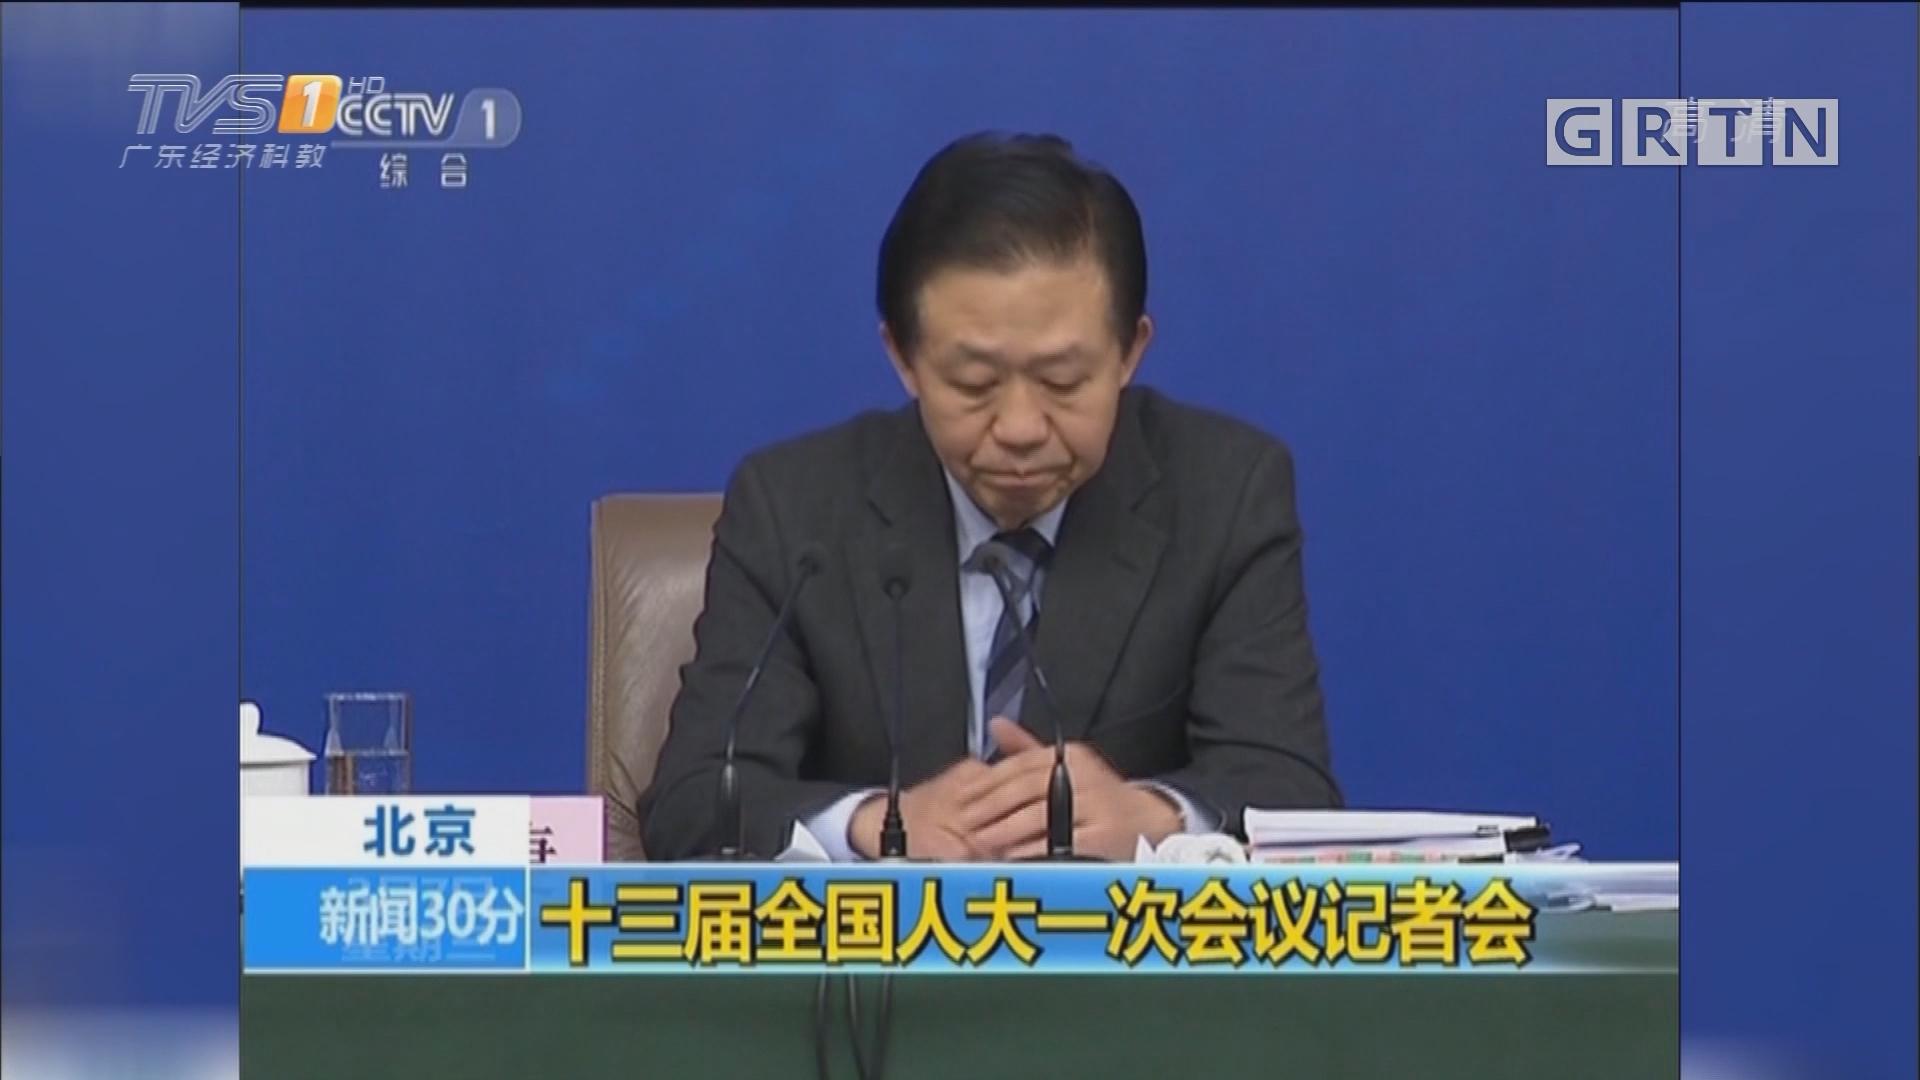 北京:十三届全国人大一次会议记者会